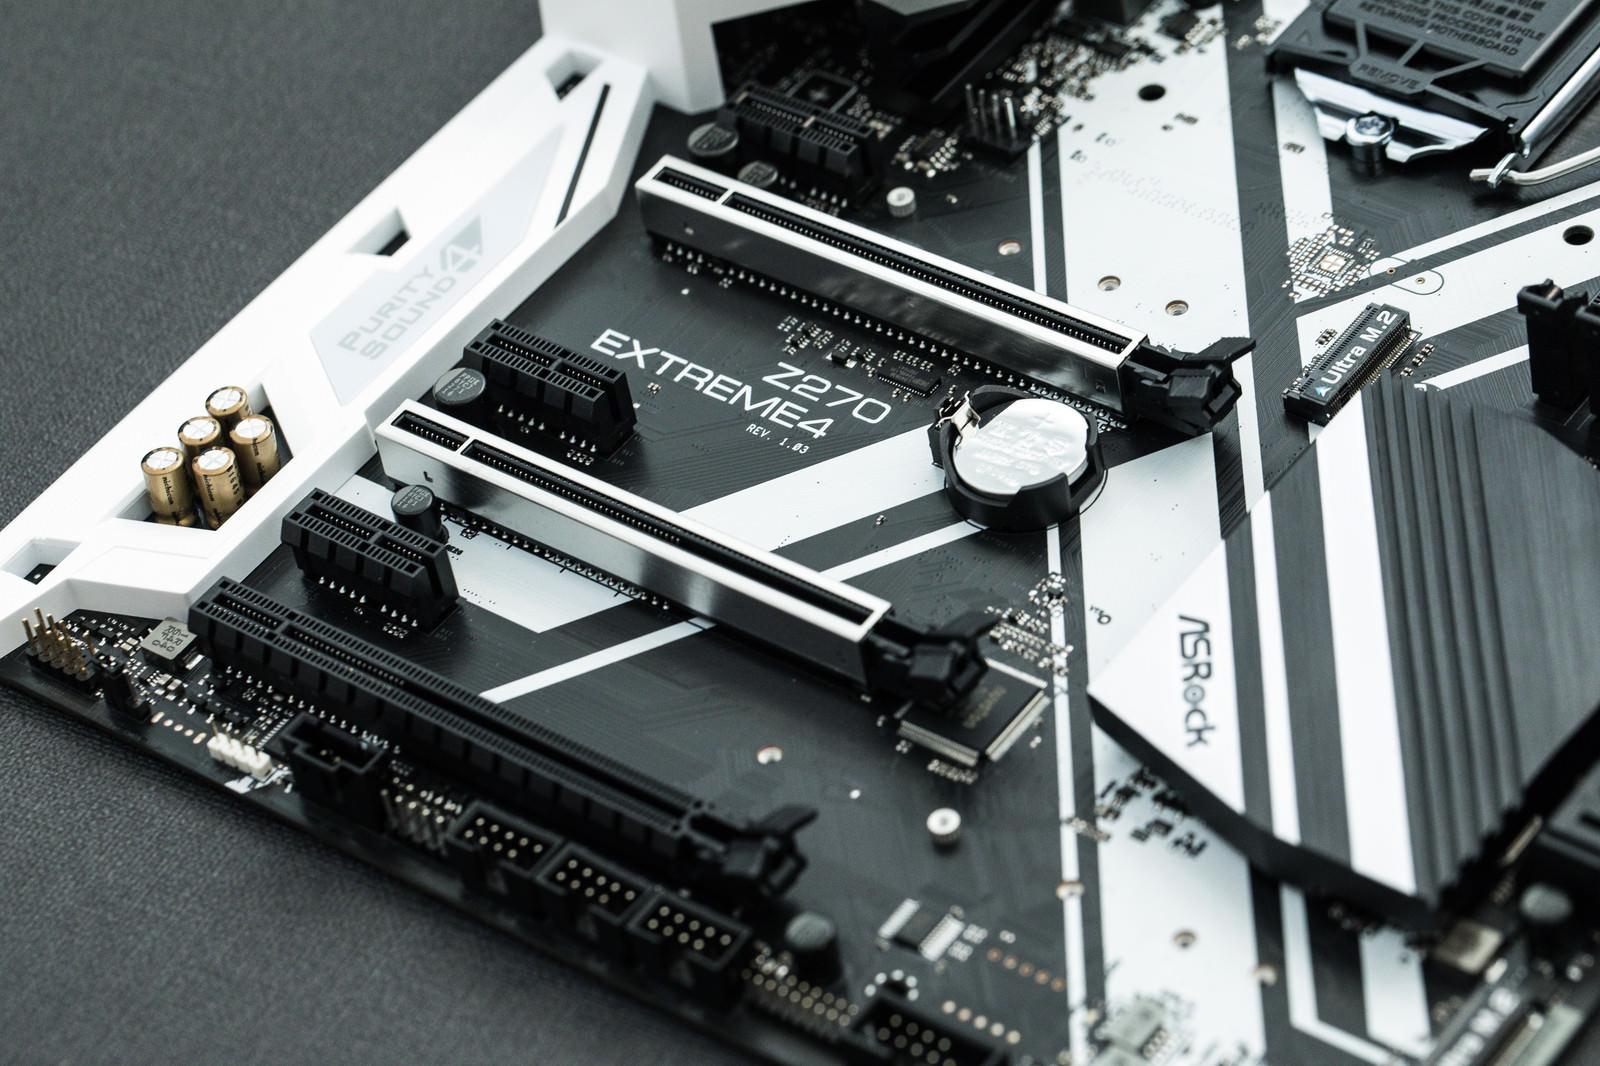 「PCI-expressスロットが6つあるマザーボード」の写真